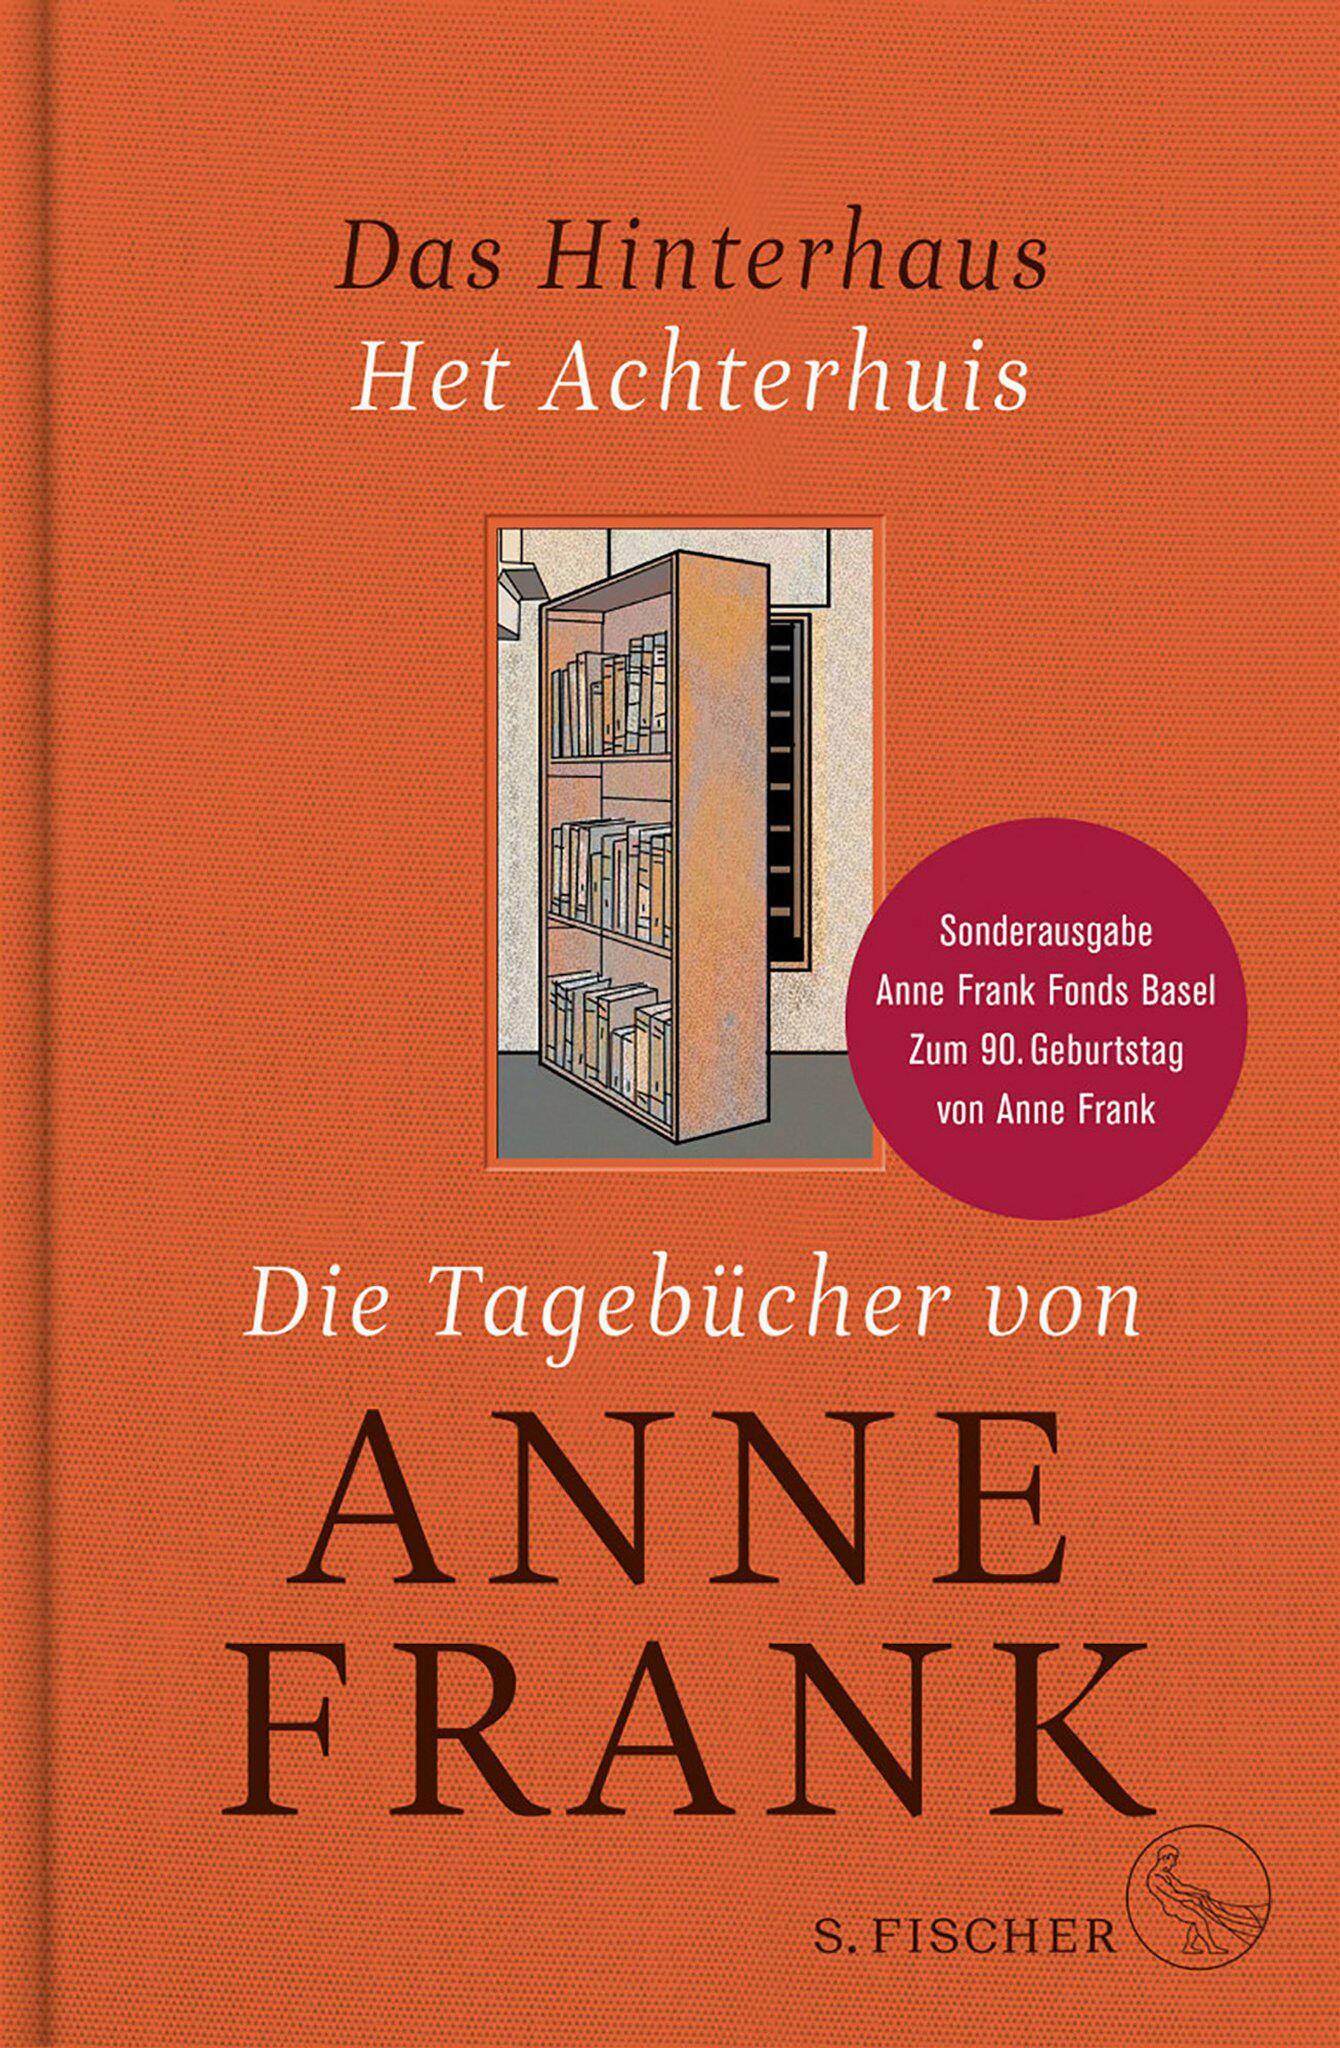 Bild zu Sonderedition, Tagebuch, Tagebücher, Anne Frank, Cover, Titel, S. Fischer, Verlag